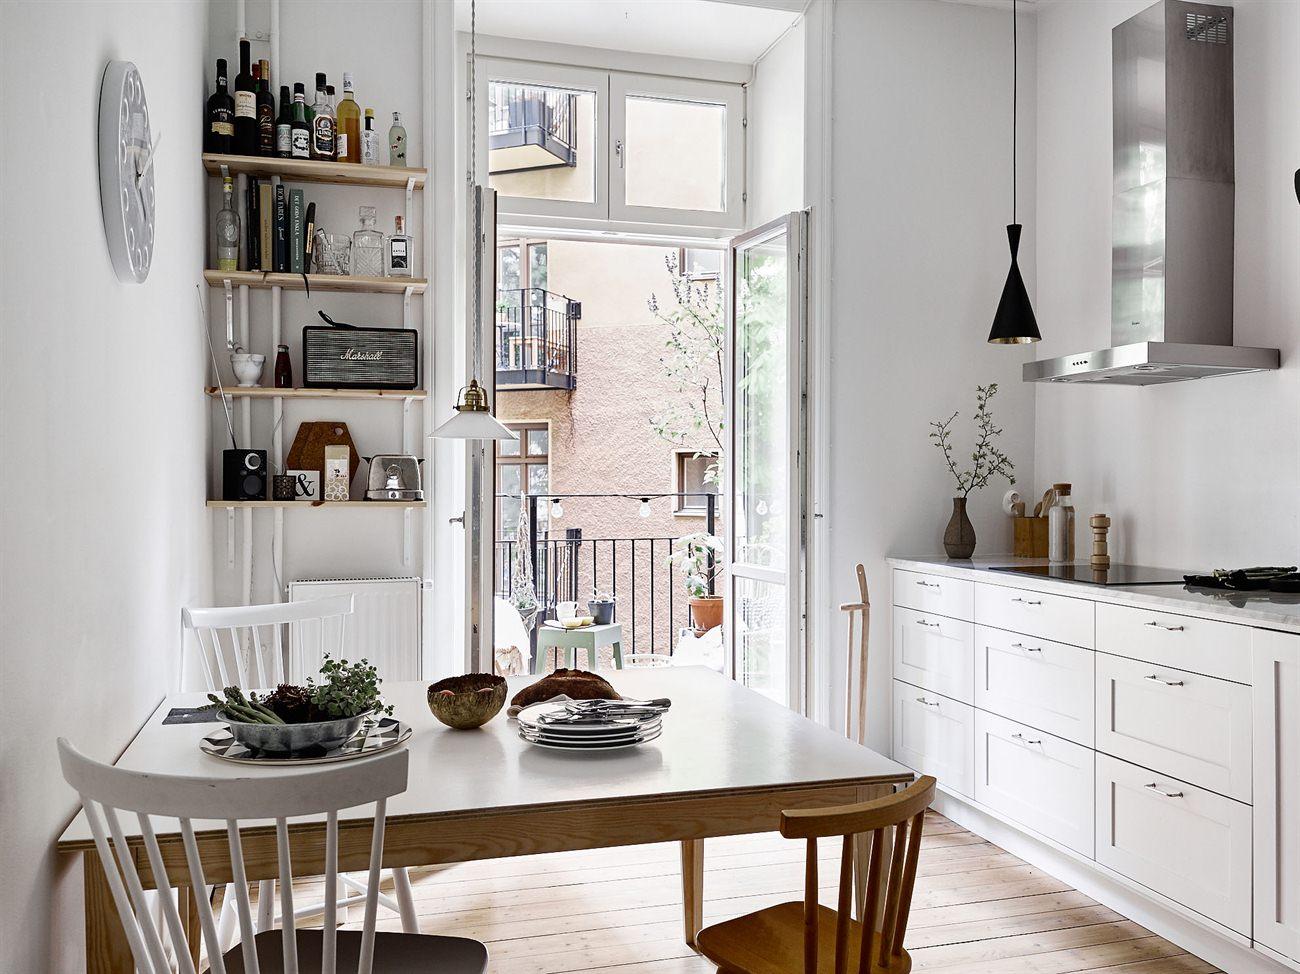 L mparas colgantes sobre la encimera blog tienda - Lamparas colgantes cocina ...